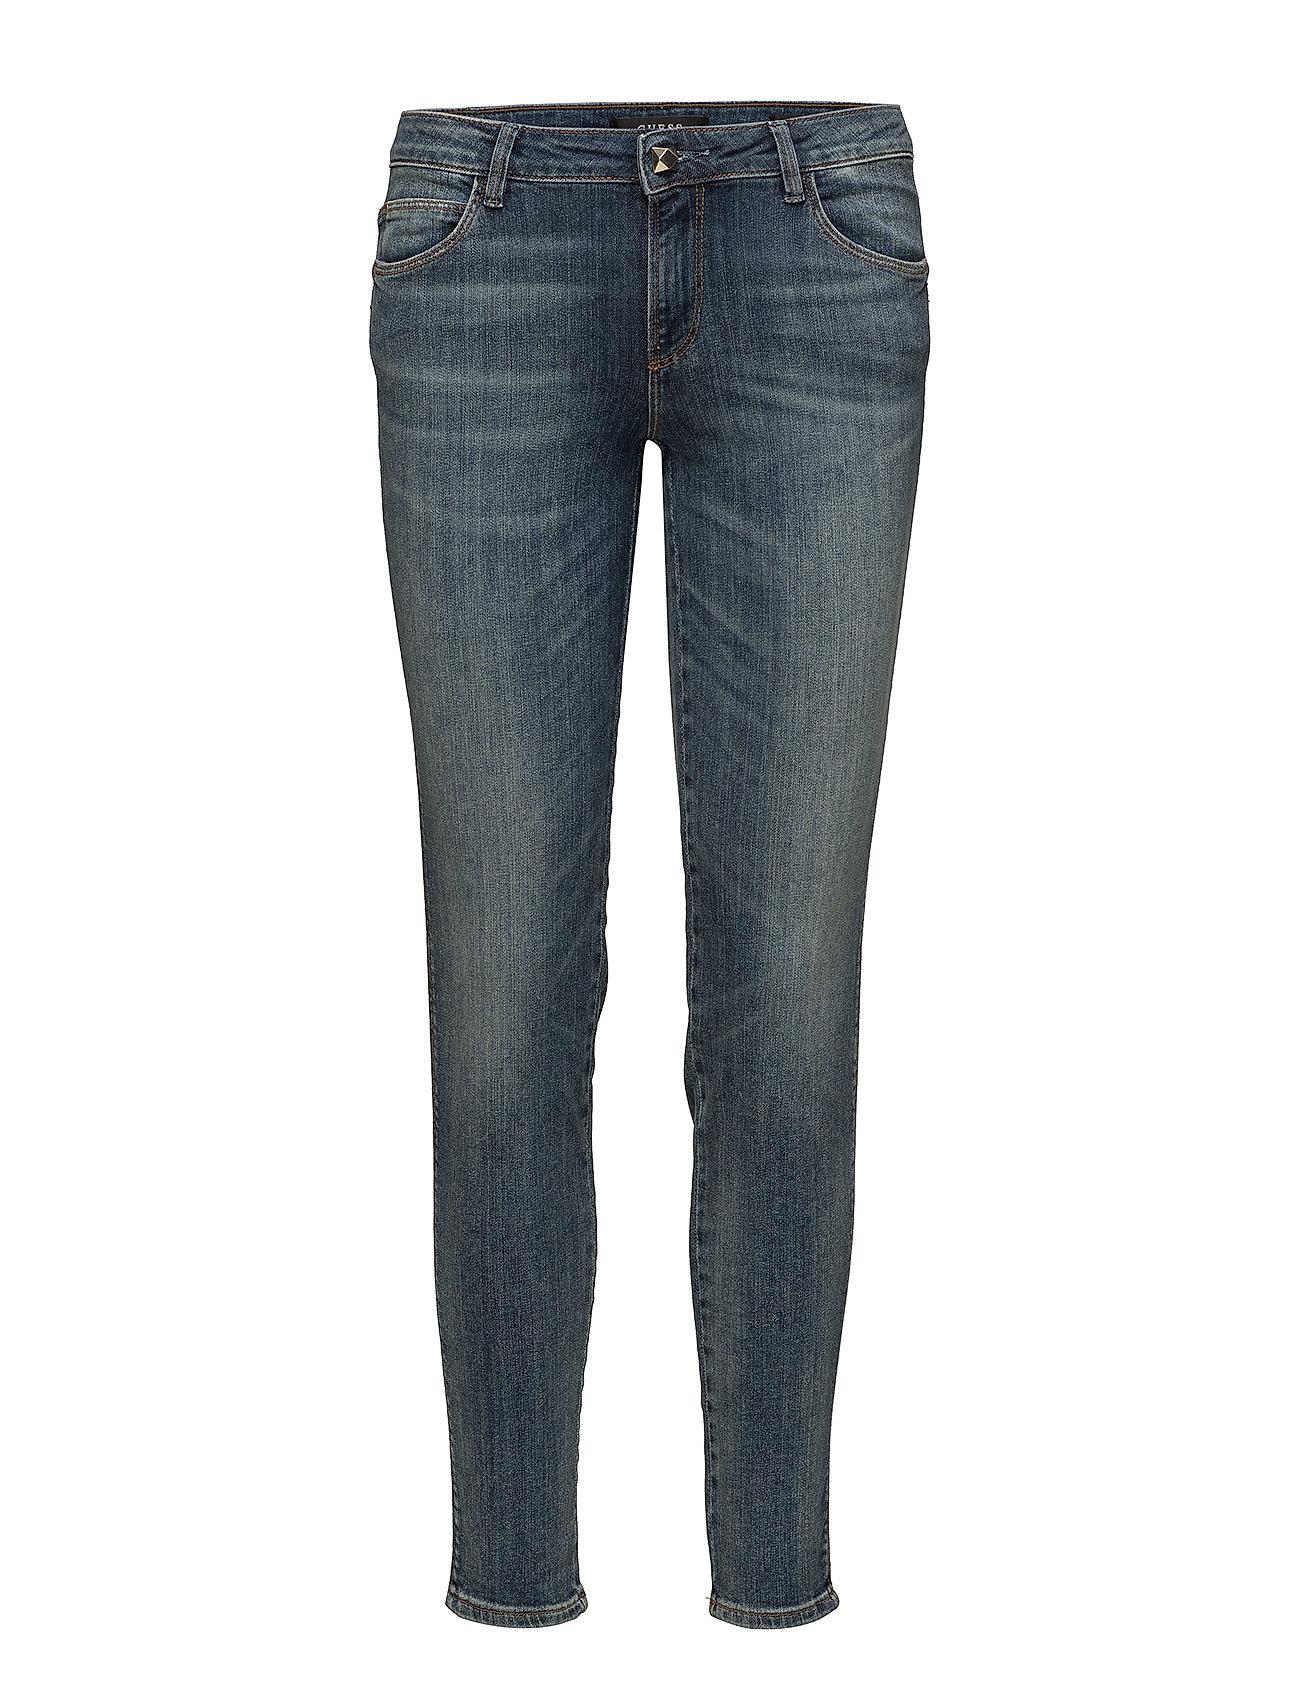 GUESS Jeans URVE X Jeans